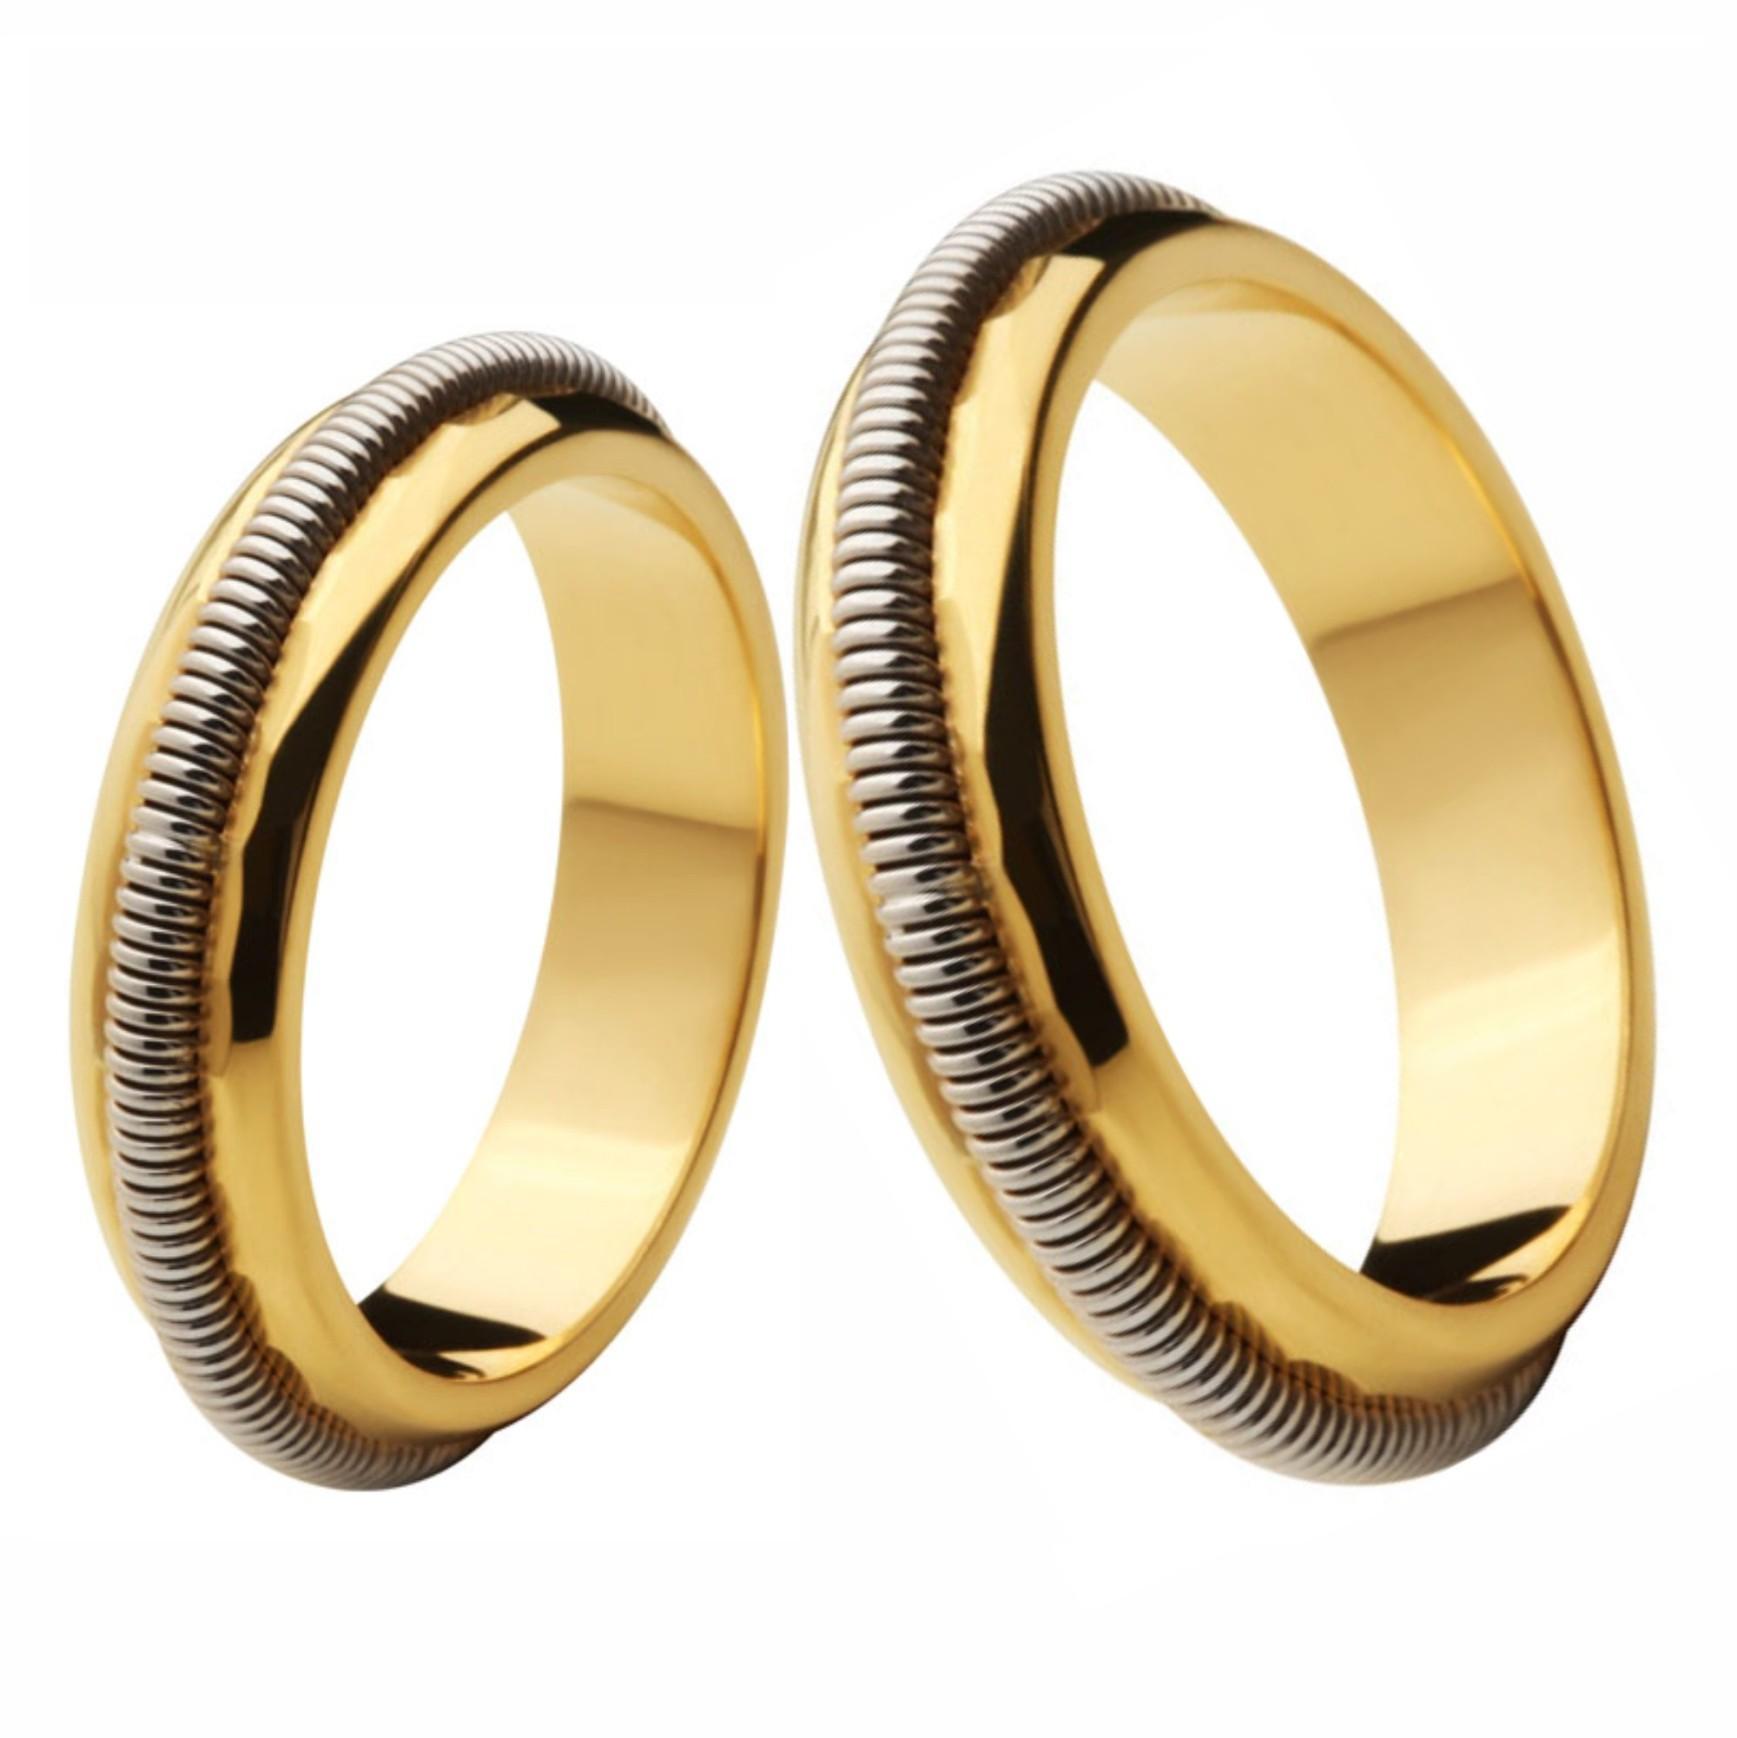 Aliança Bodas de Prata, Ouro 18k / 750 - Abaulada, com trabalho espiral de Ouro Branco em alto relevo - O PAR